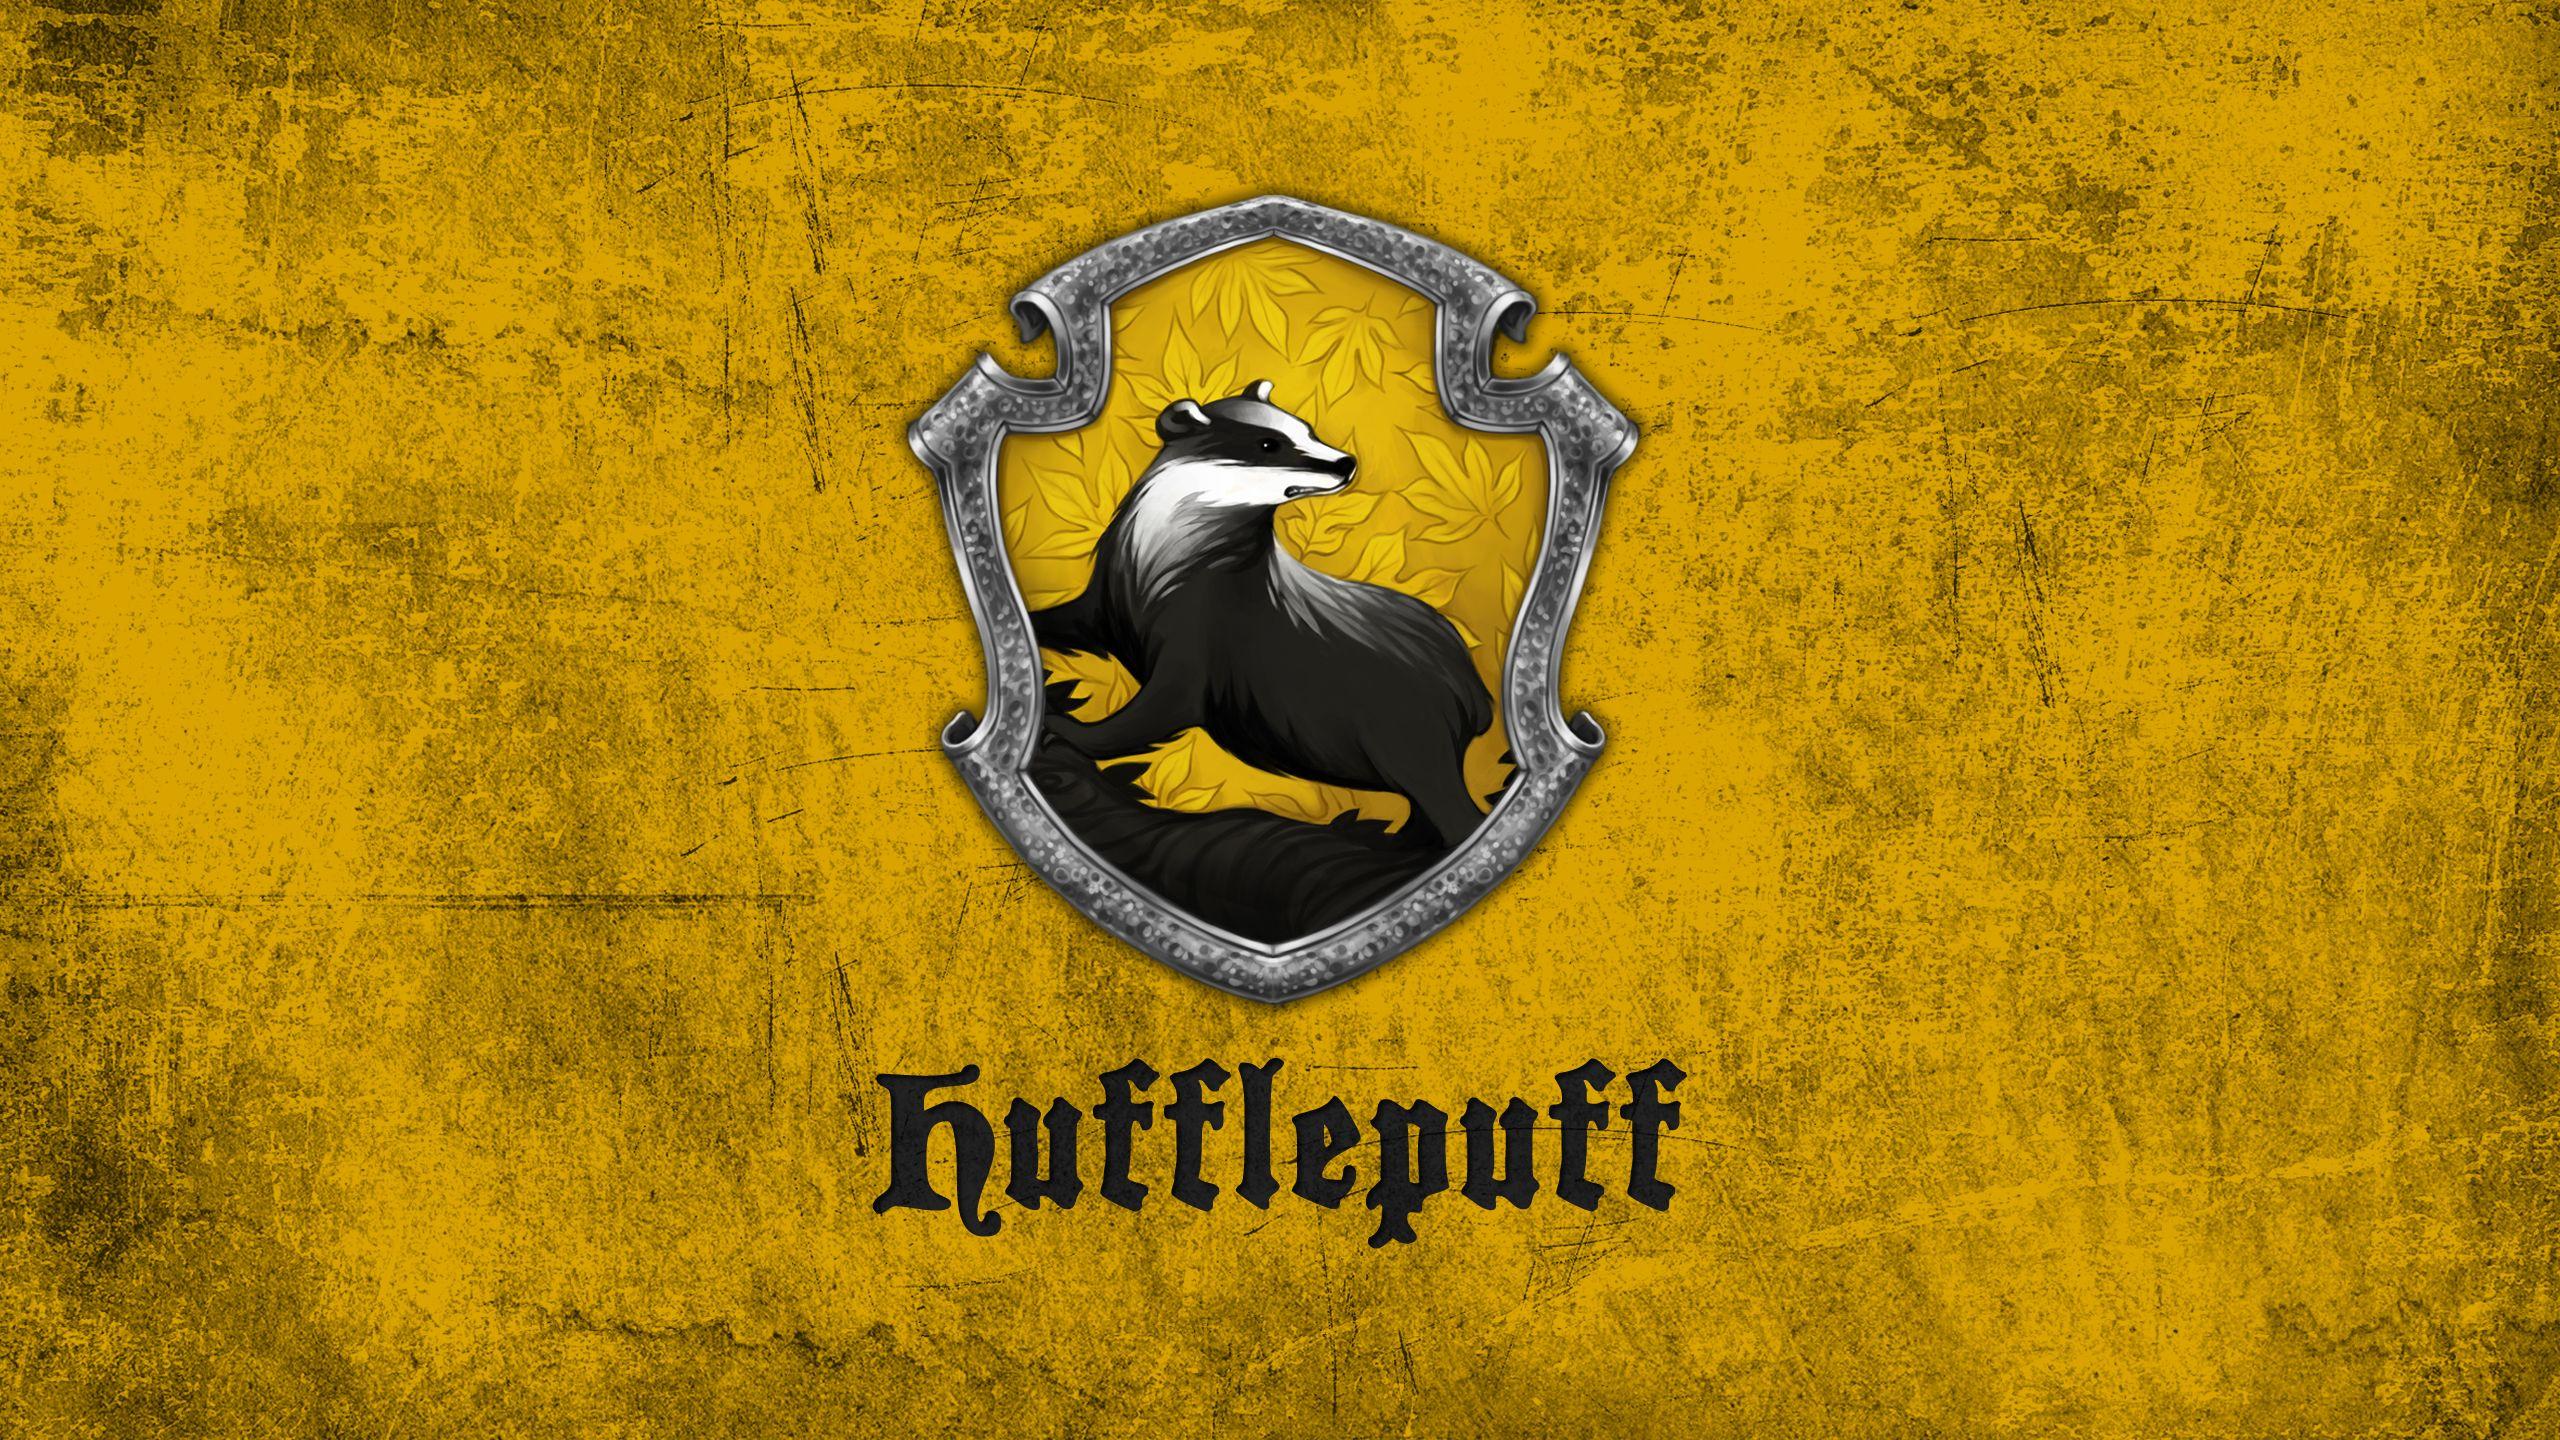 Harry Potter Computer Wallpapers, Desktop Backgrounds | 2560x1440 | ID:556492